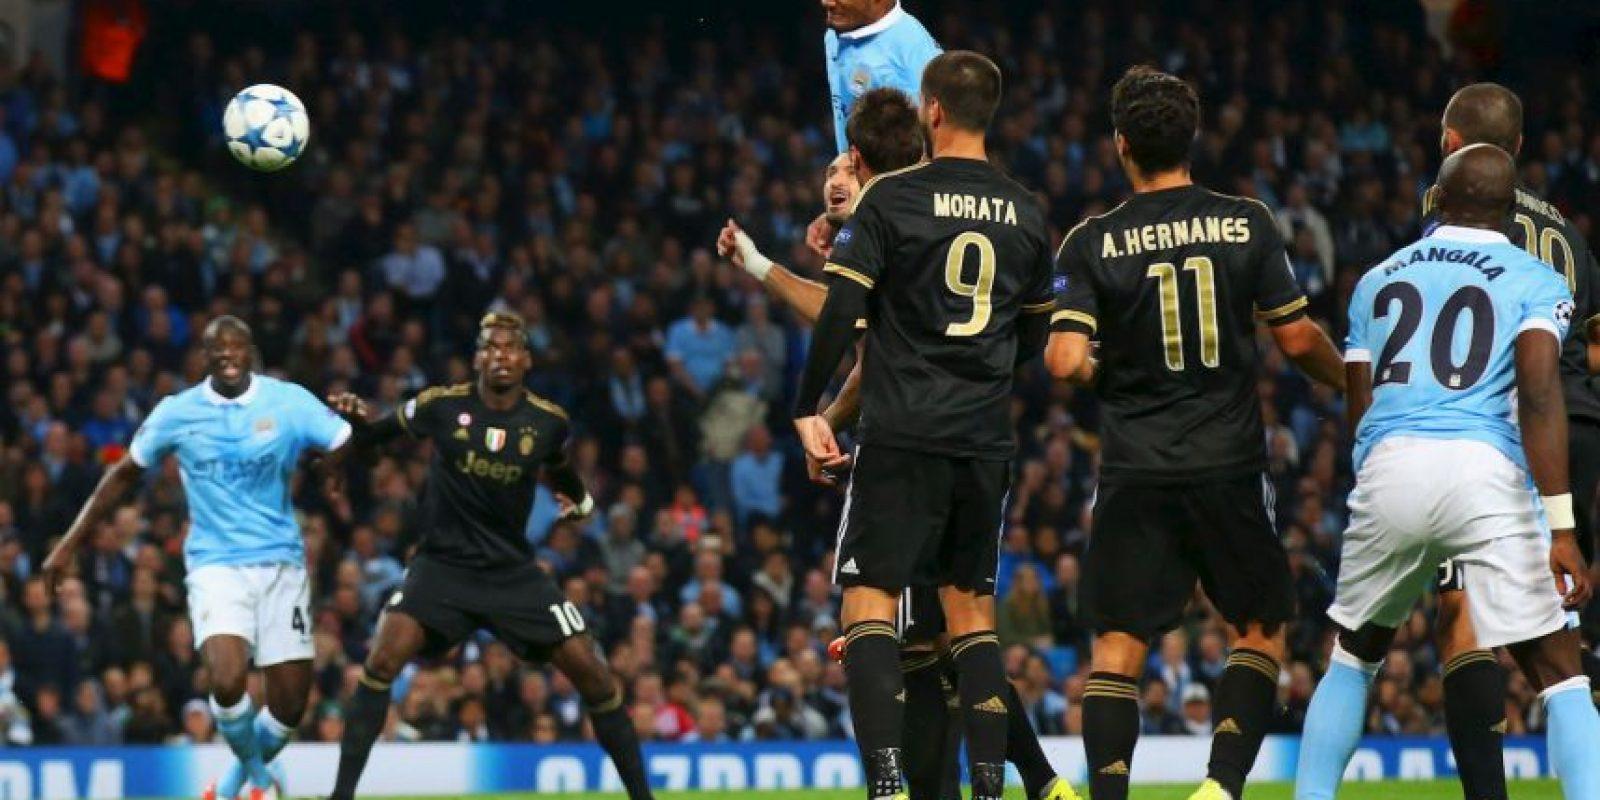 El City suma nueve puntos y ya está clasificado a la siguiente fase Foto:Getty Images